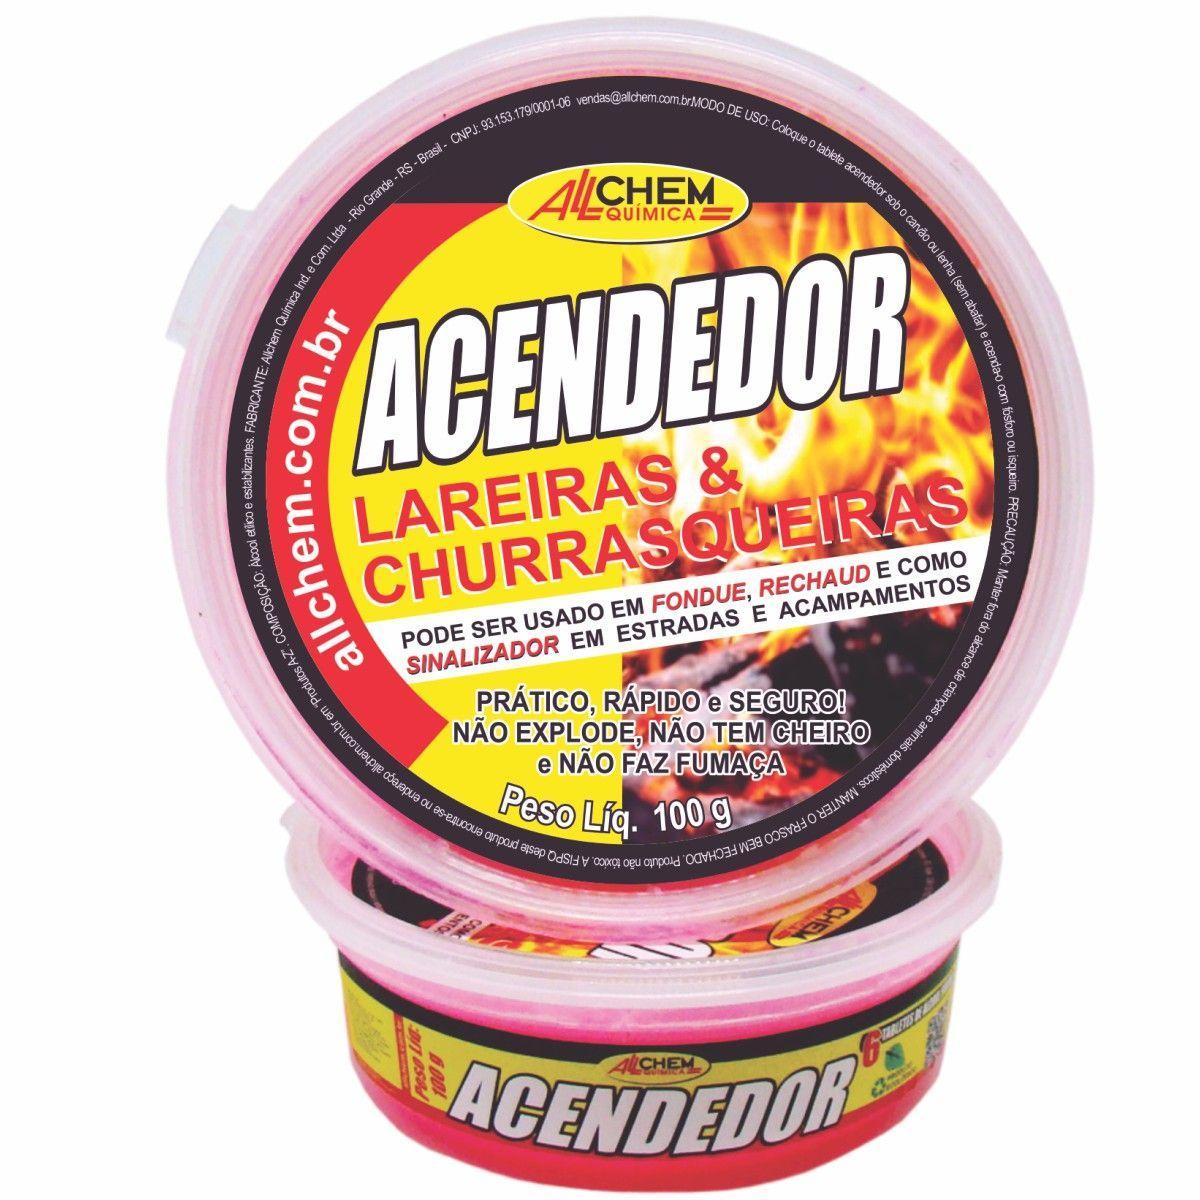 Acendedor de Lareiras e Churrasqueiras 12x100 g